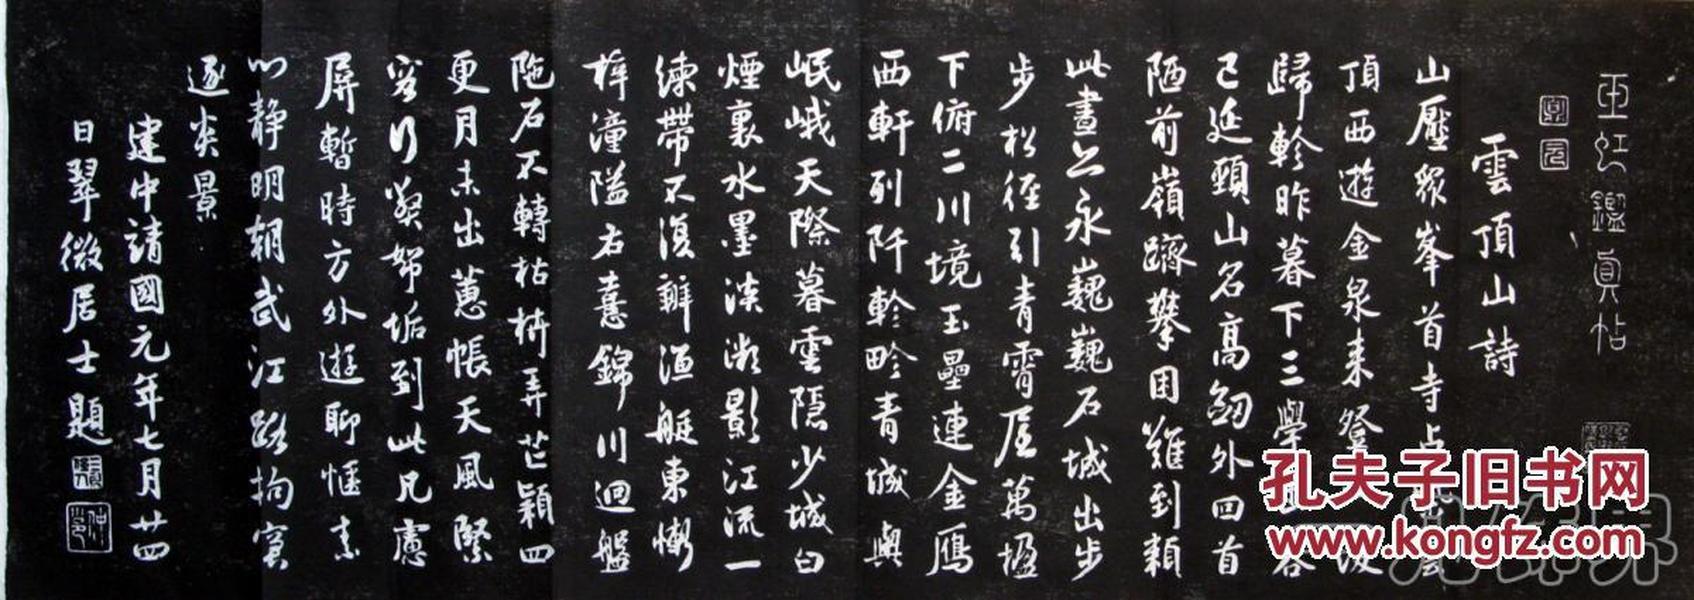 薛绍彭,《云顶山诗》,行书▲拓片,绝非印刷品!